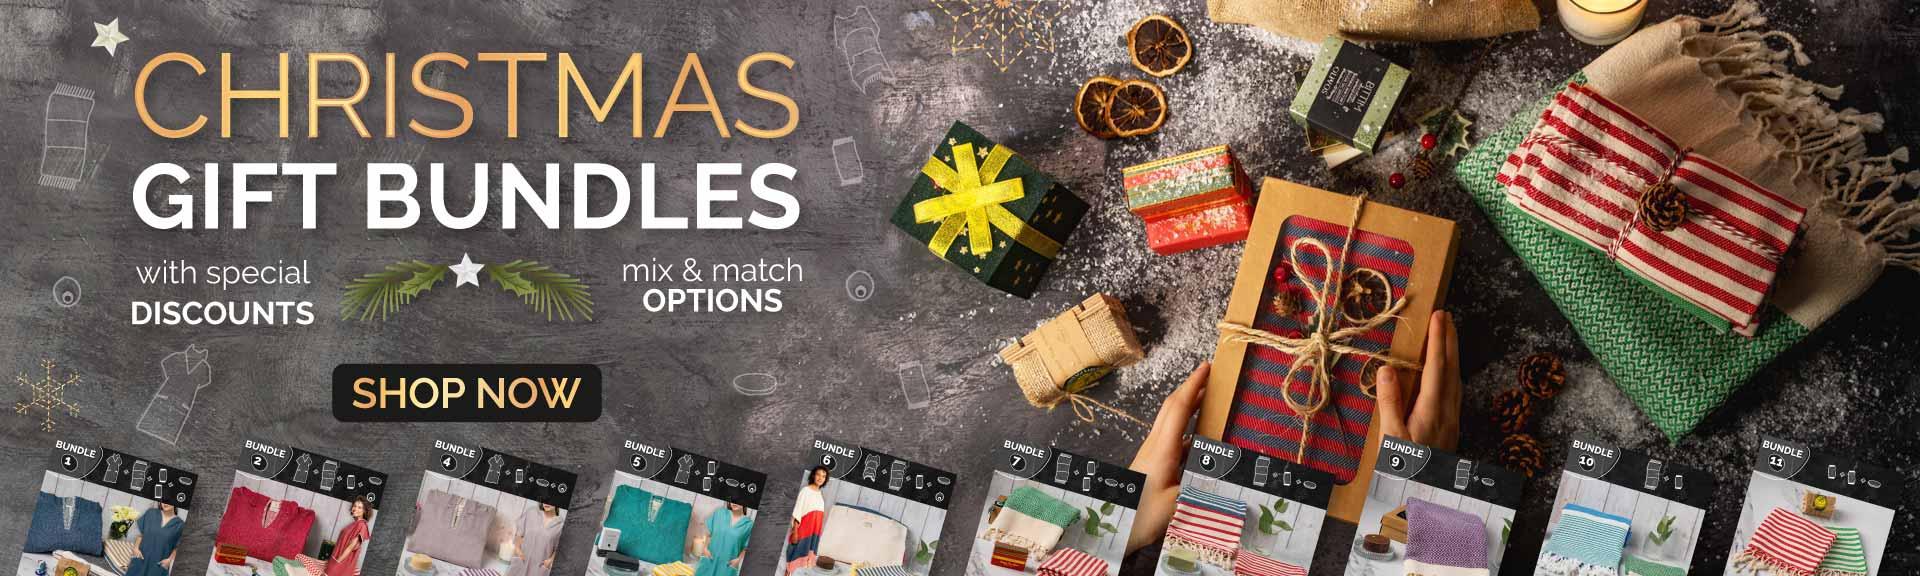 Christmas Gift Bundles By Buldano